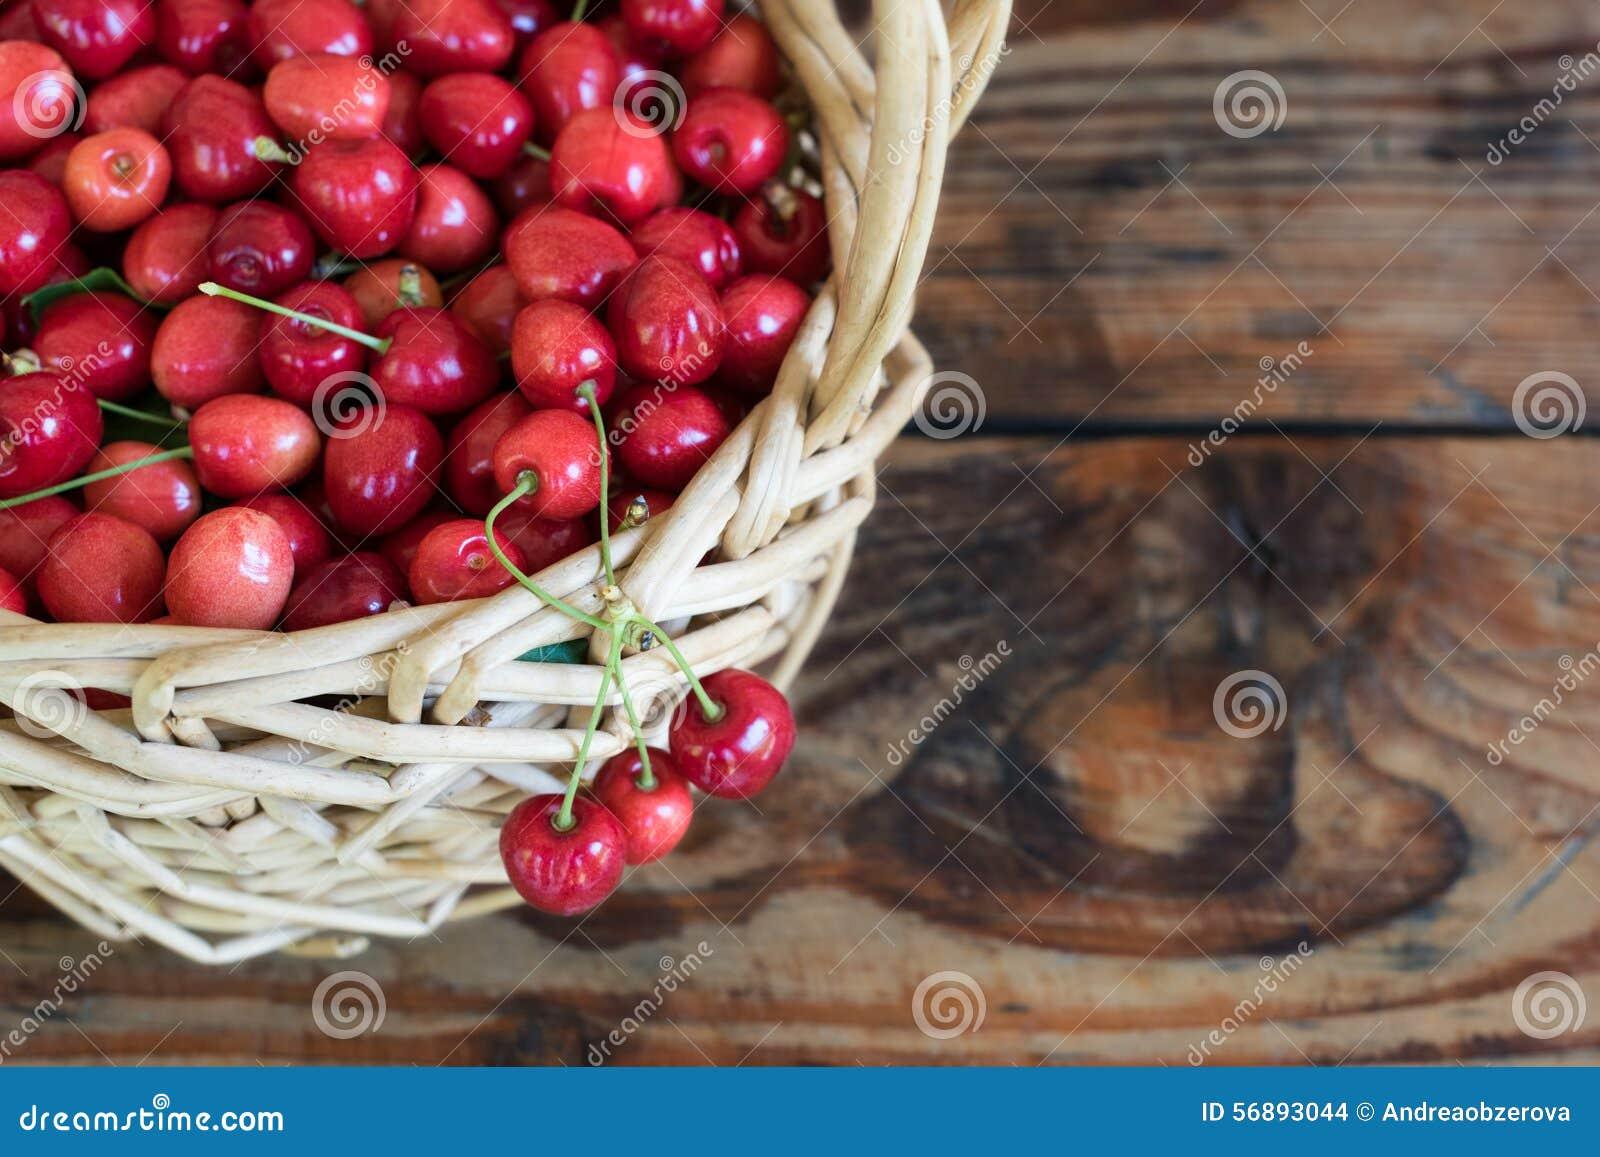 οργανικά homegrown κεράσια σε ένα καλάθι, στο ξύλινο υπόβαθρο